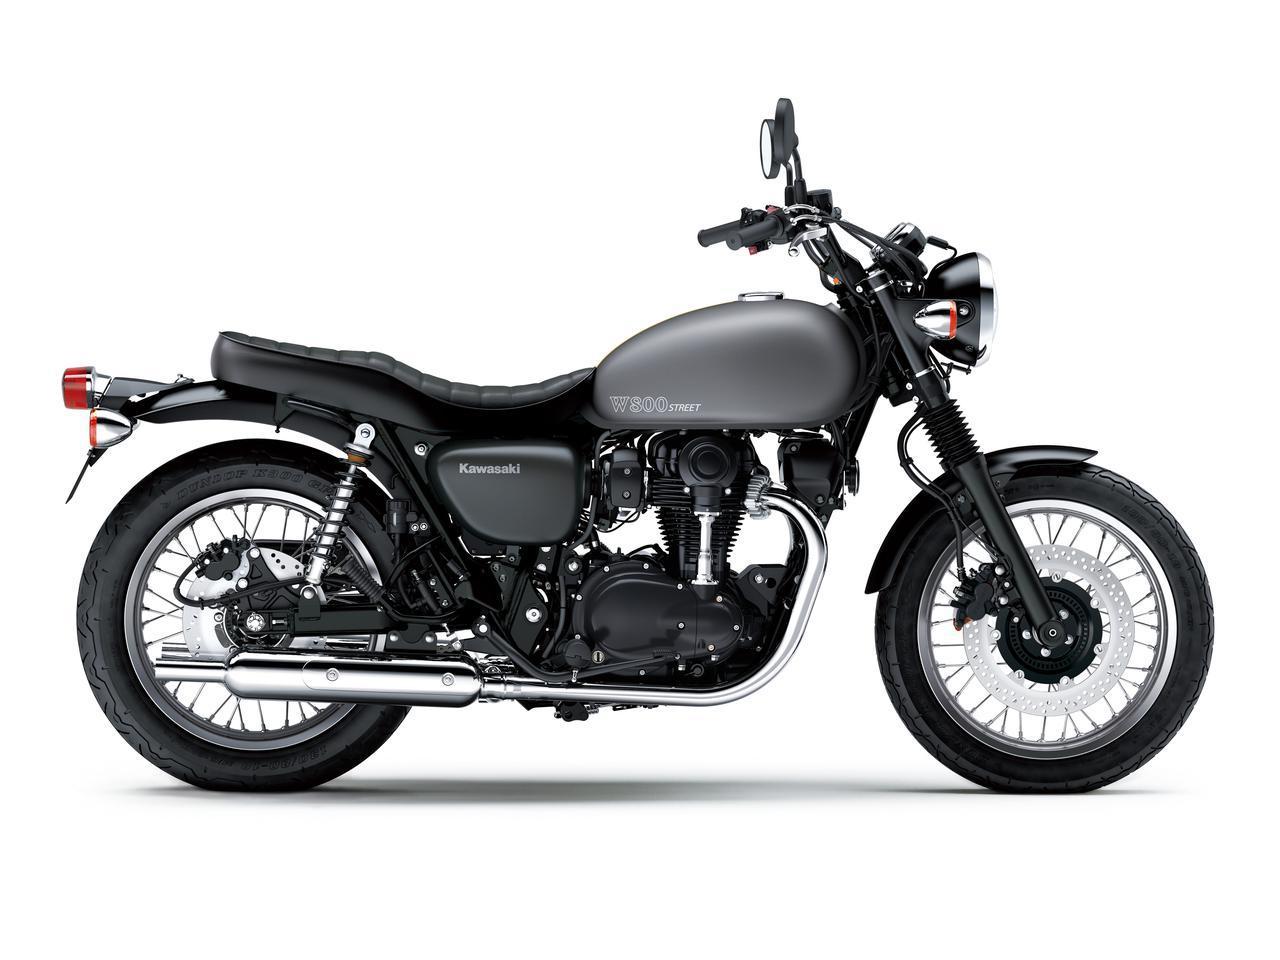 画像9: カワサキが「W800」シリーズの2021年モデルを発売! W800/W800ストリート/W800カフェの新色をチェック!